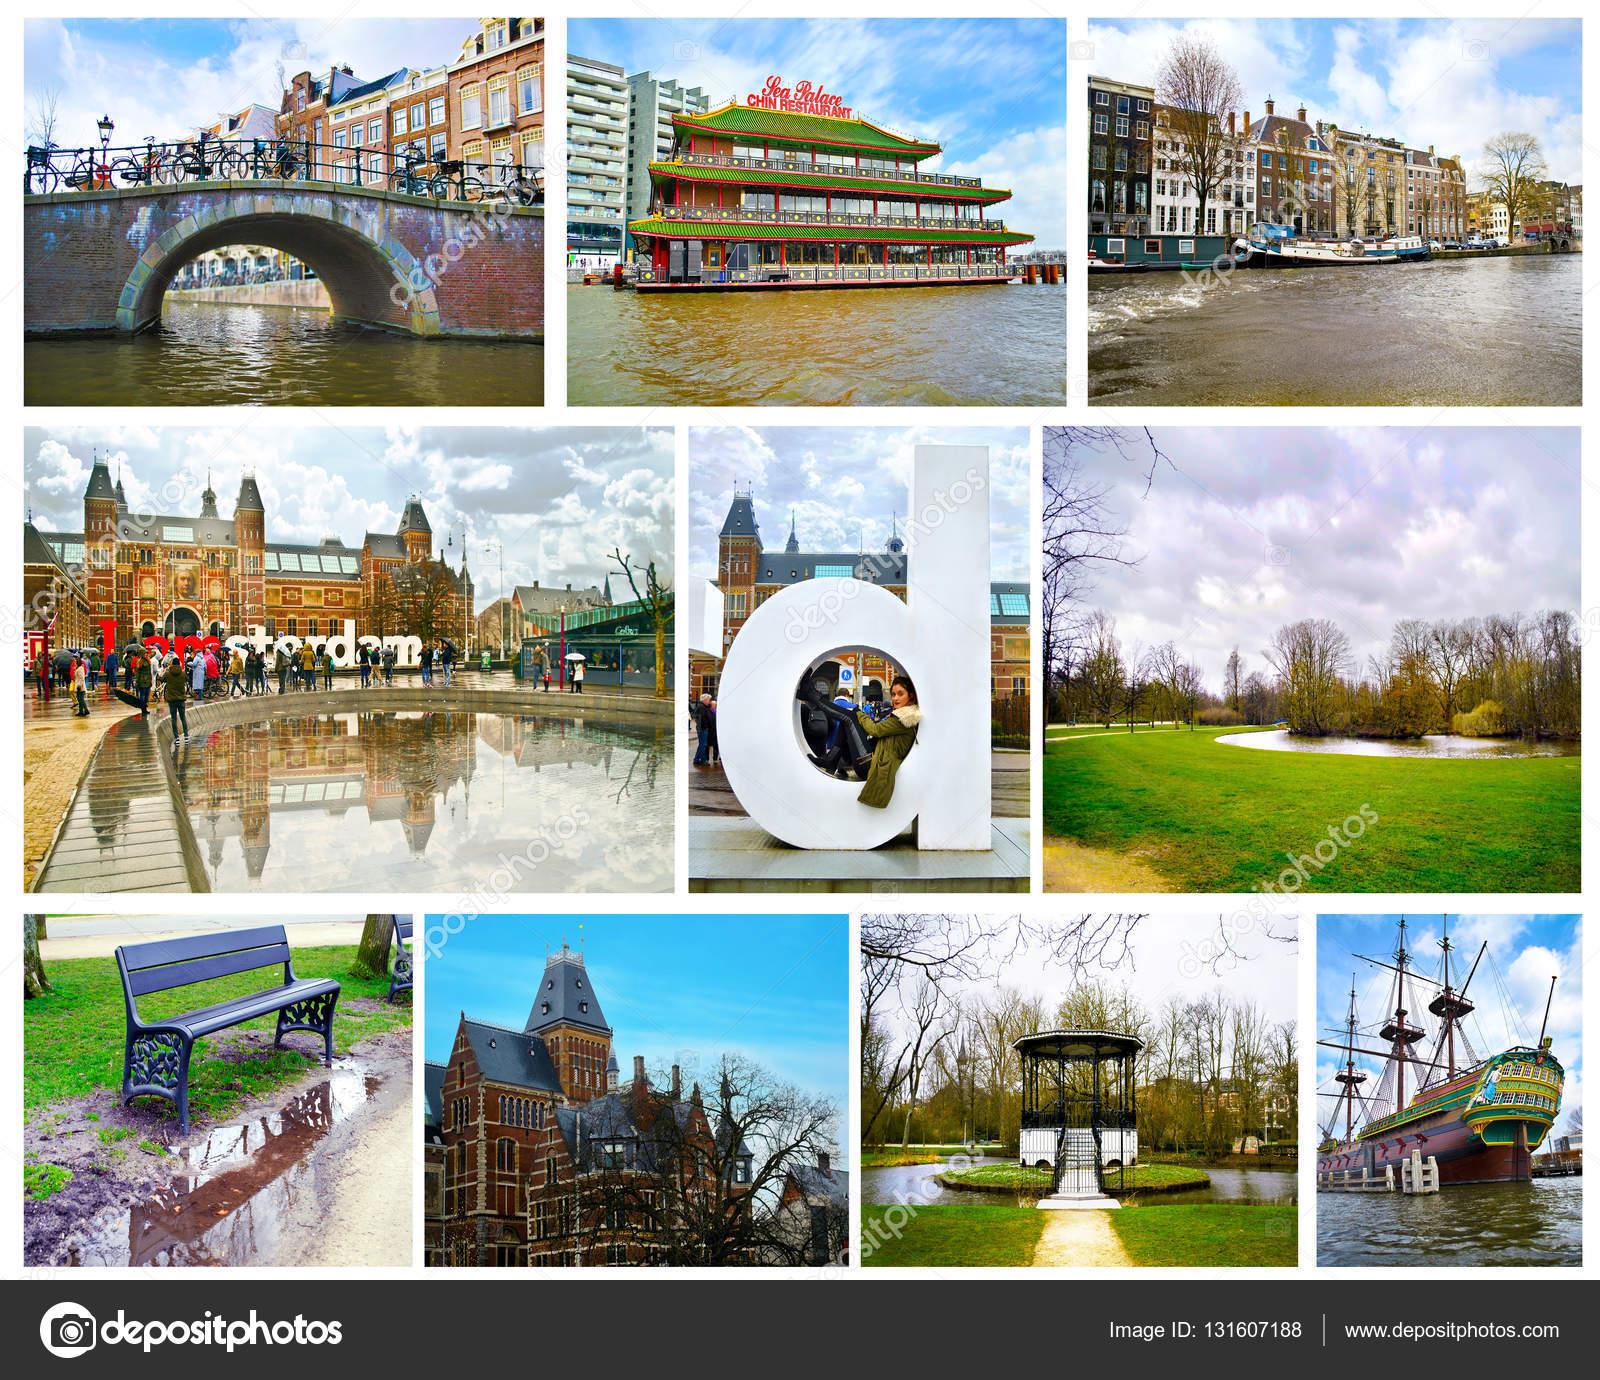 collage de fotos de amsterdam holanda pases bajos u fotografa editorial de stock